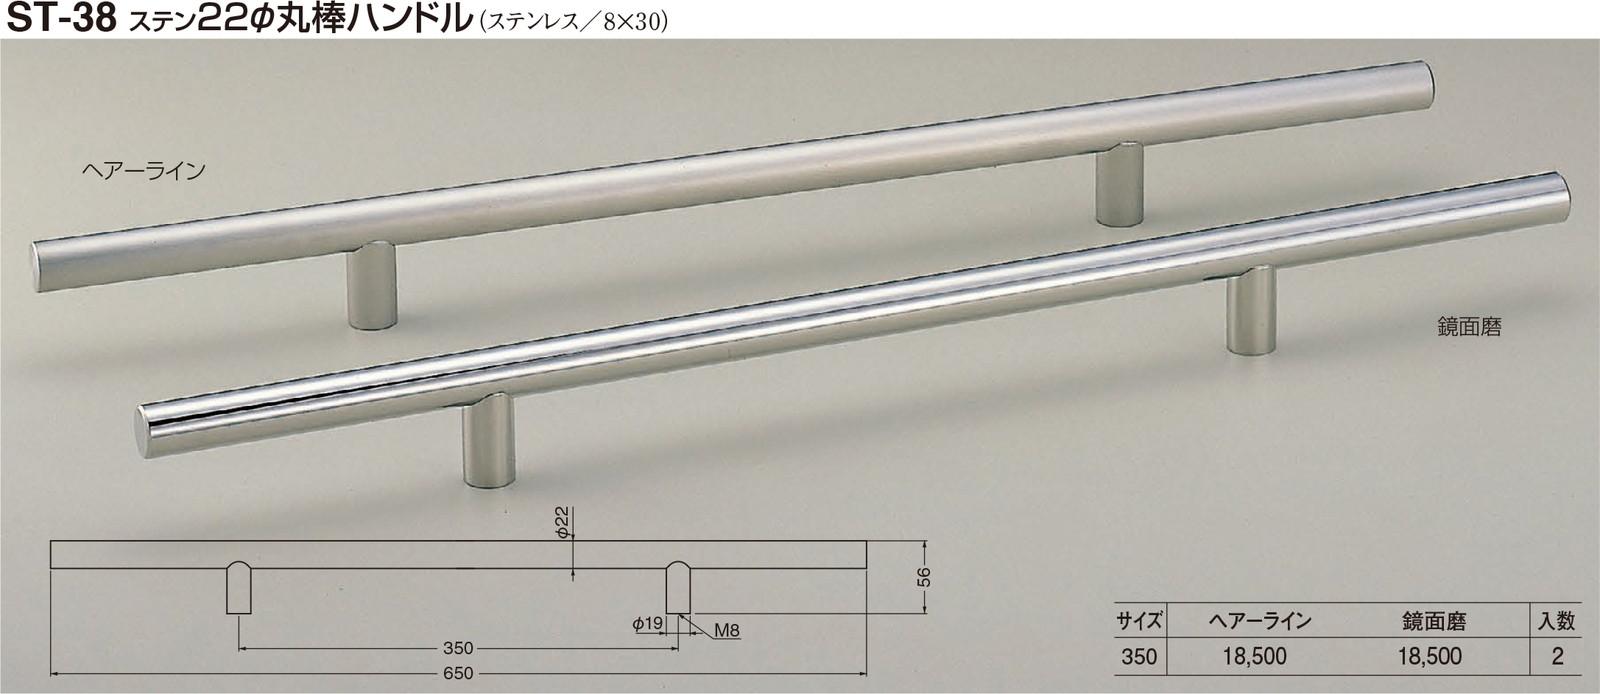 【シロクマ】ステンφ22丸棒ハンドル ST-38 350mm 鏡面